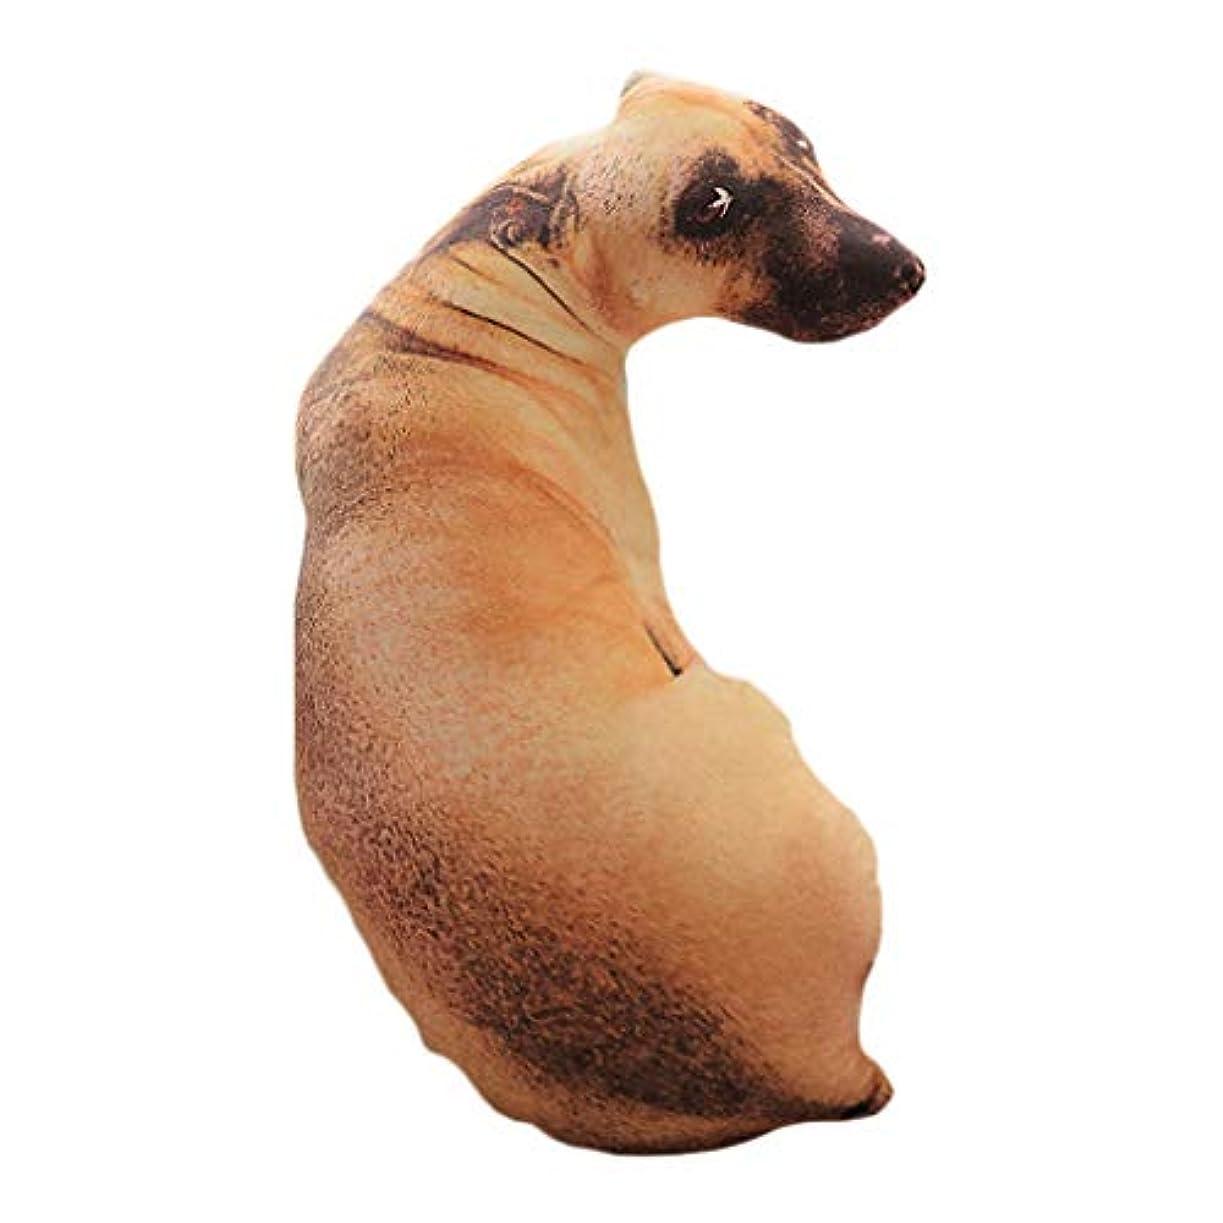 ダルセット補助金練習したLIFE 装飾クッションソファおかしい 3D 犬印刷スロー枕創造クッションかわいいぬいぐるみギフト家の装飾 coussin decoratif クッション 椅子